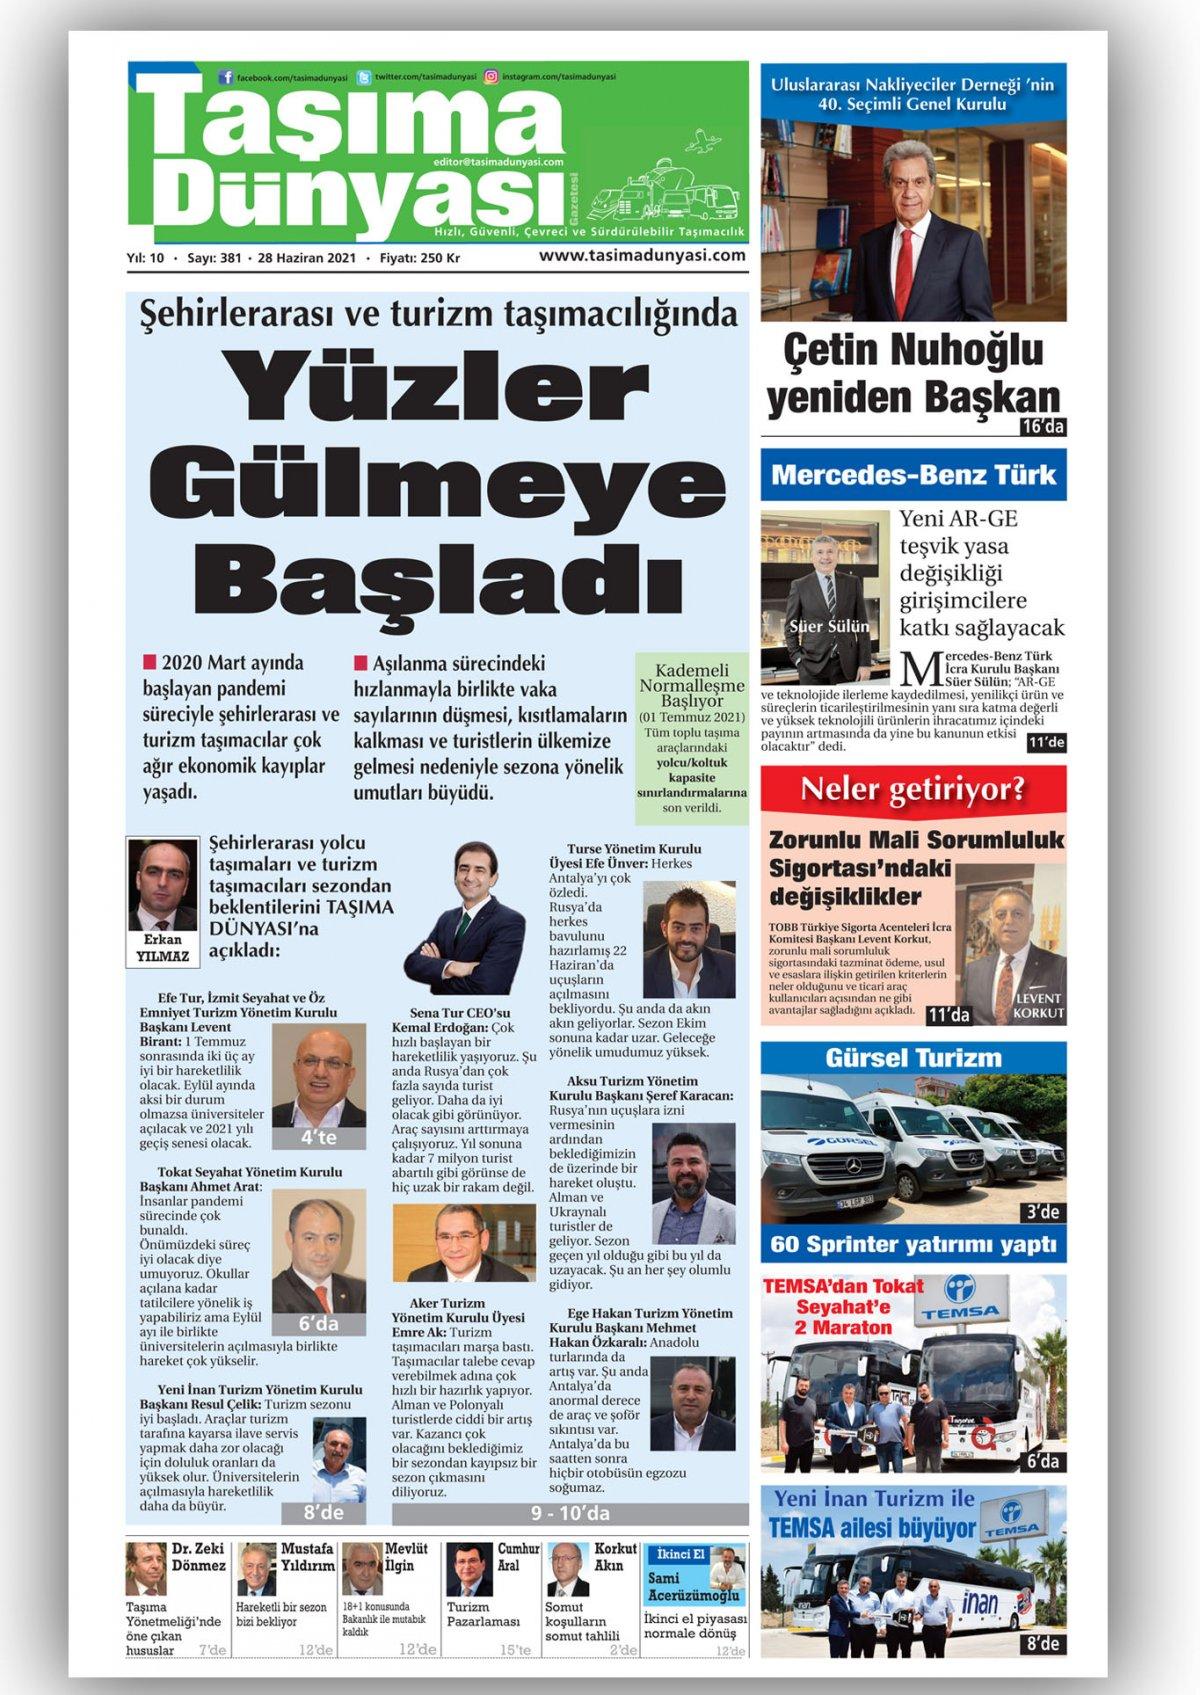 Taşıma Dünyası Gazetesi - 28.06.2021 Manşeti